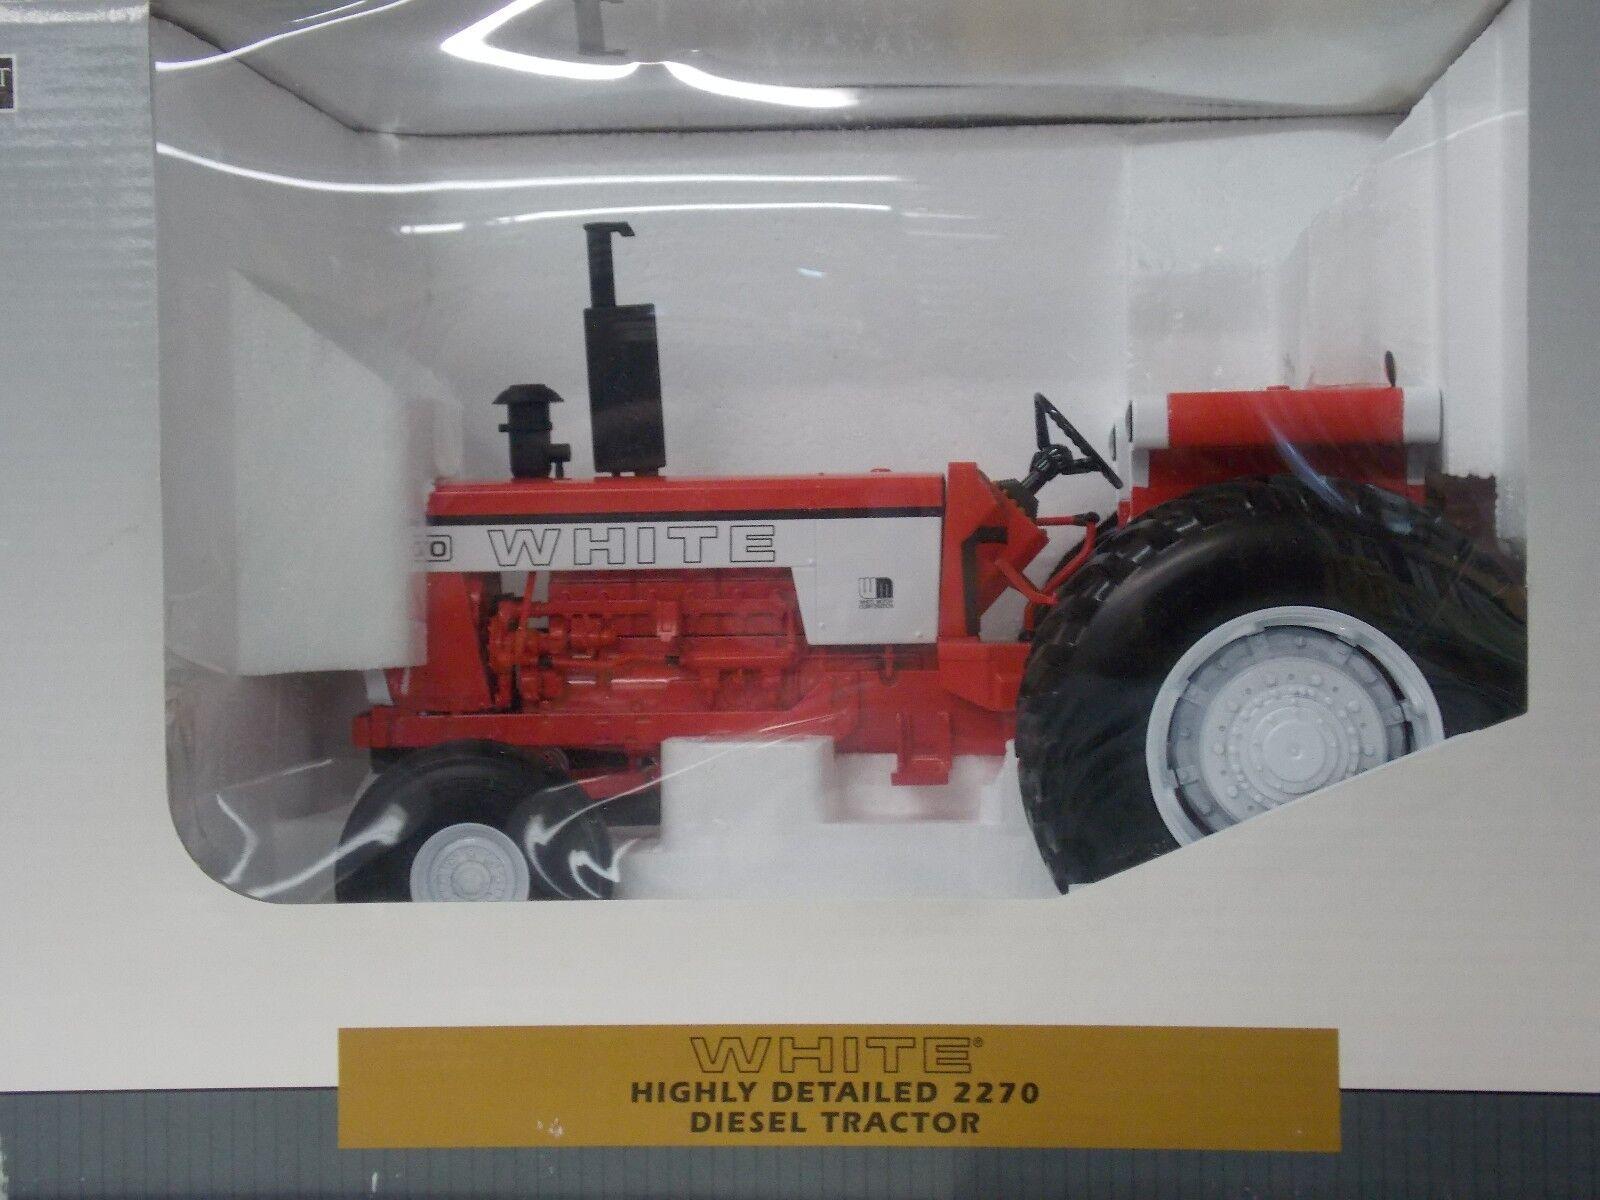 Blanc très détaillé 2270 Diesel Tracteur